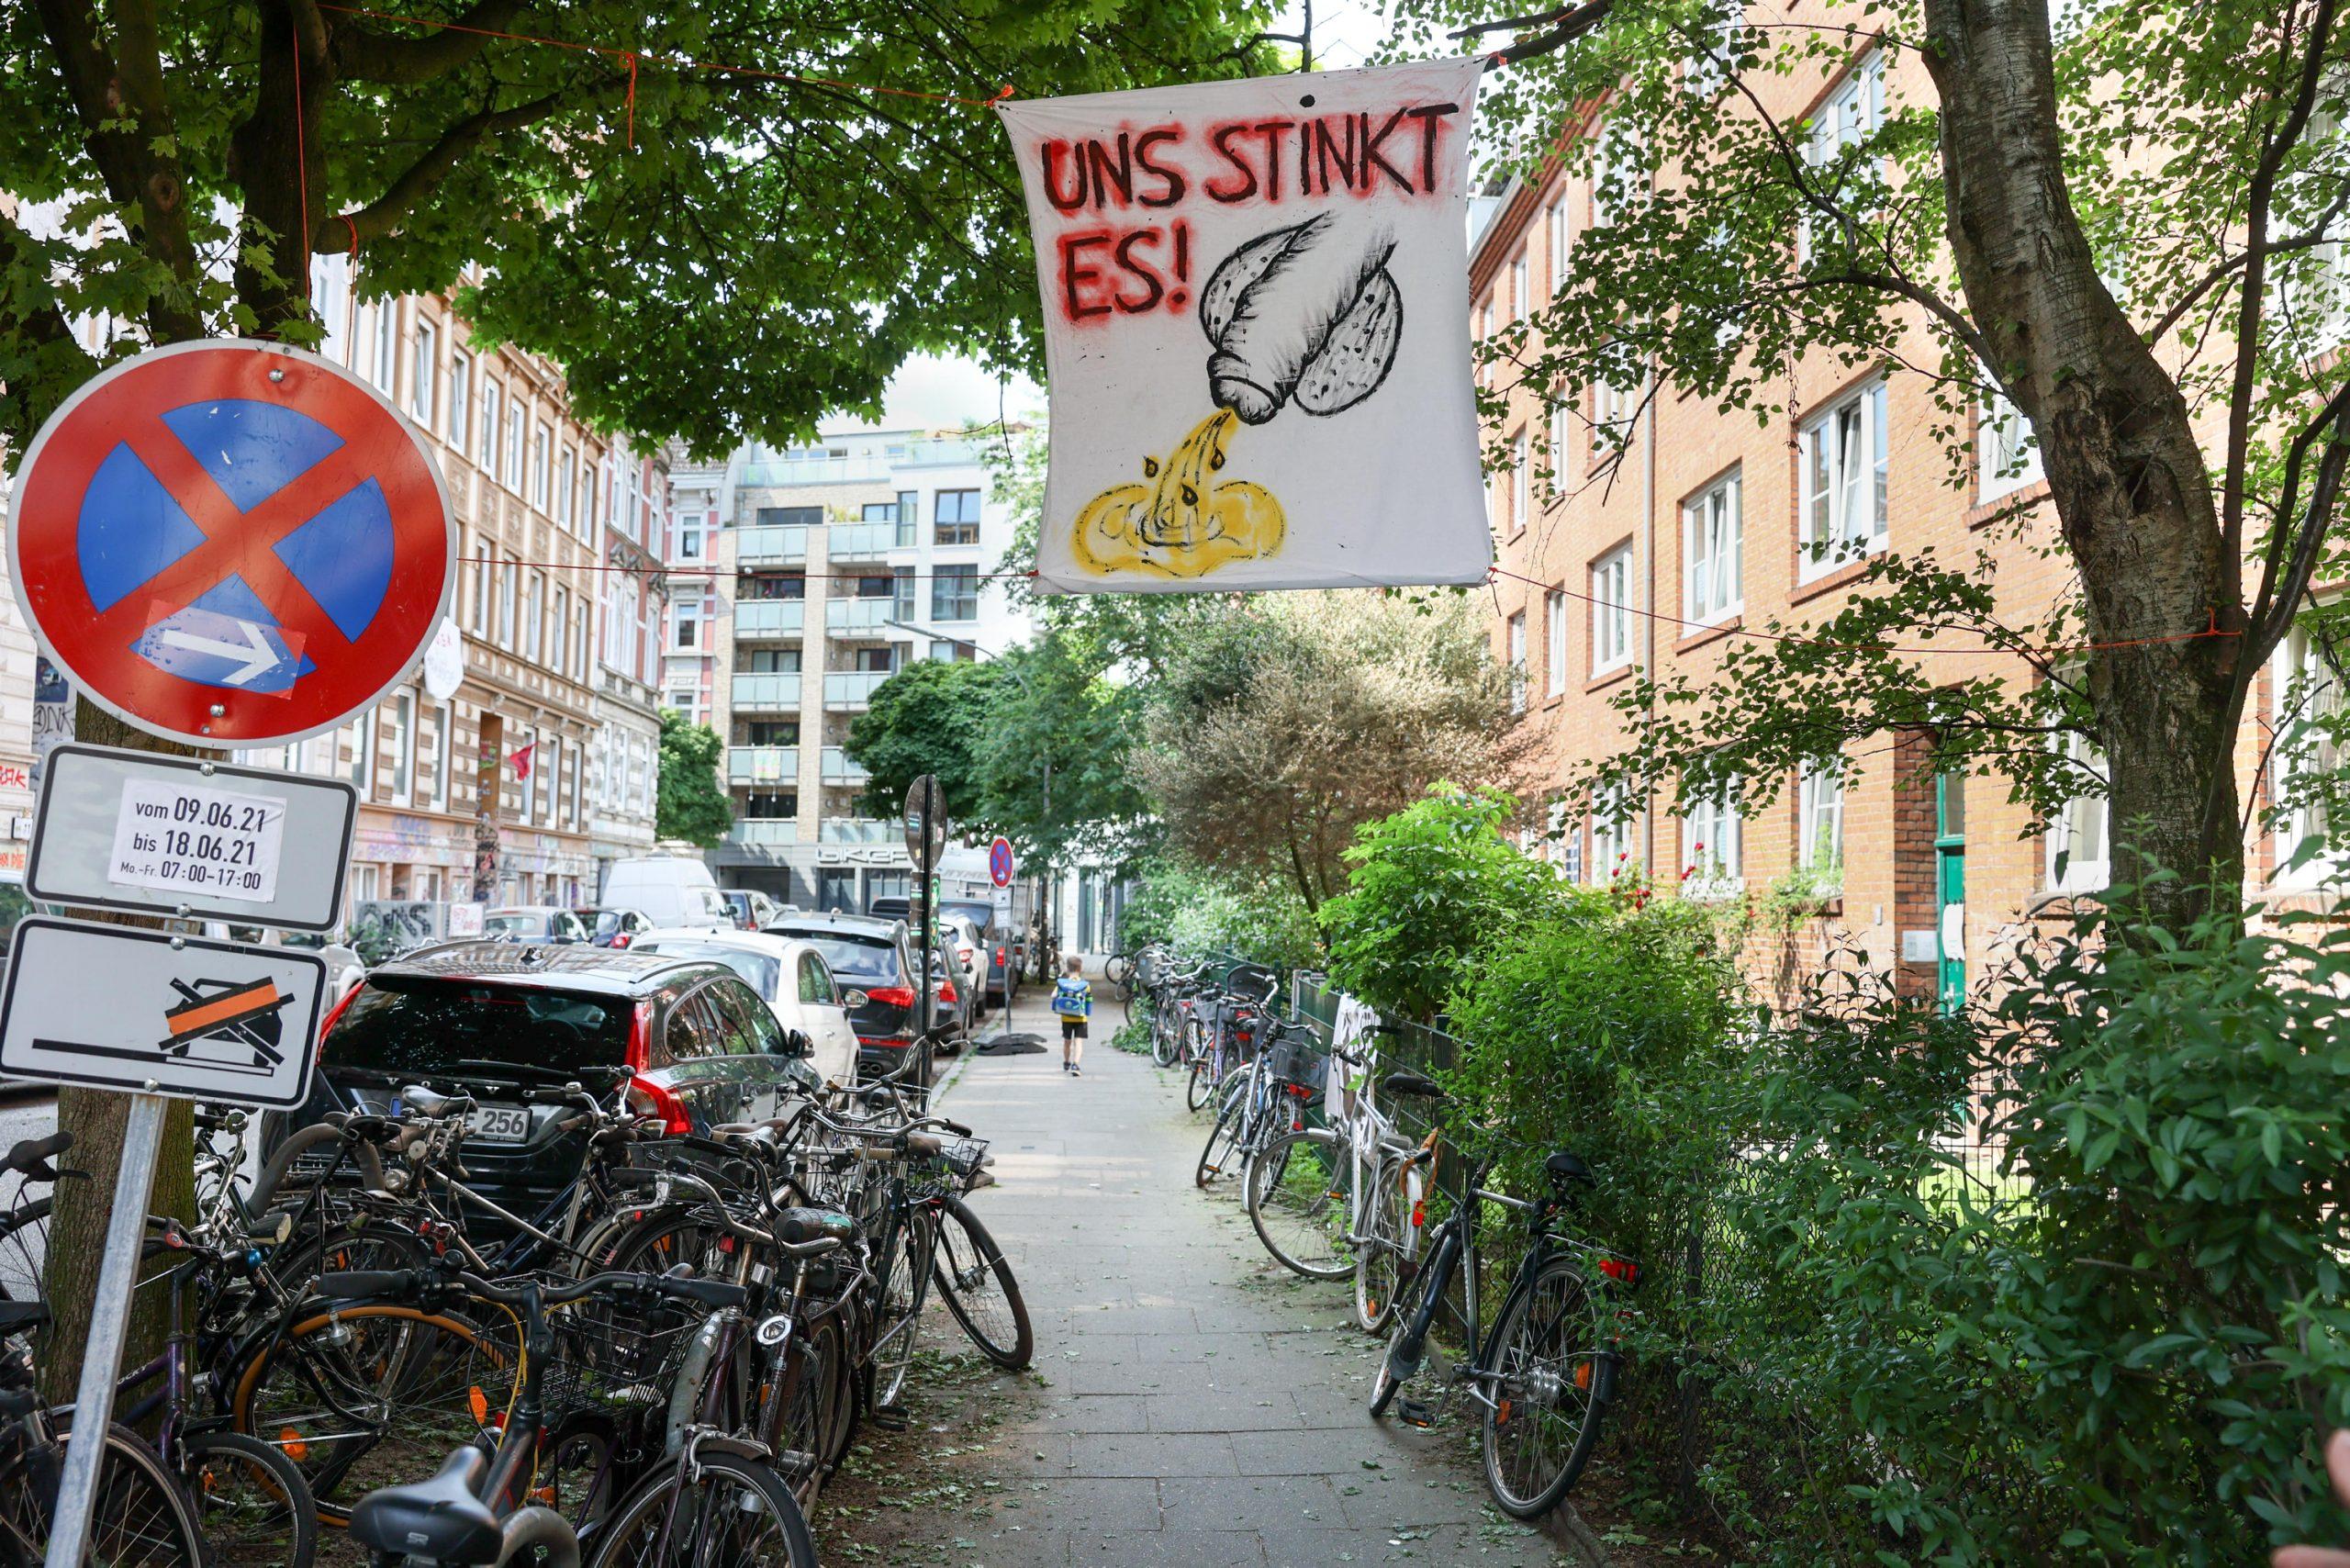 Das Partyvolk vom Schulterblatt kommt nur zu gerne in die Rosenhofstrasse, um dort die Notdurft zu verrichten - das stinkt den Anwohnern gewaltig und sind kreativ geworden.